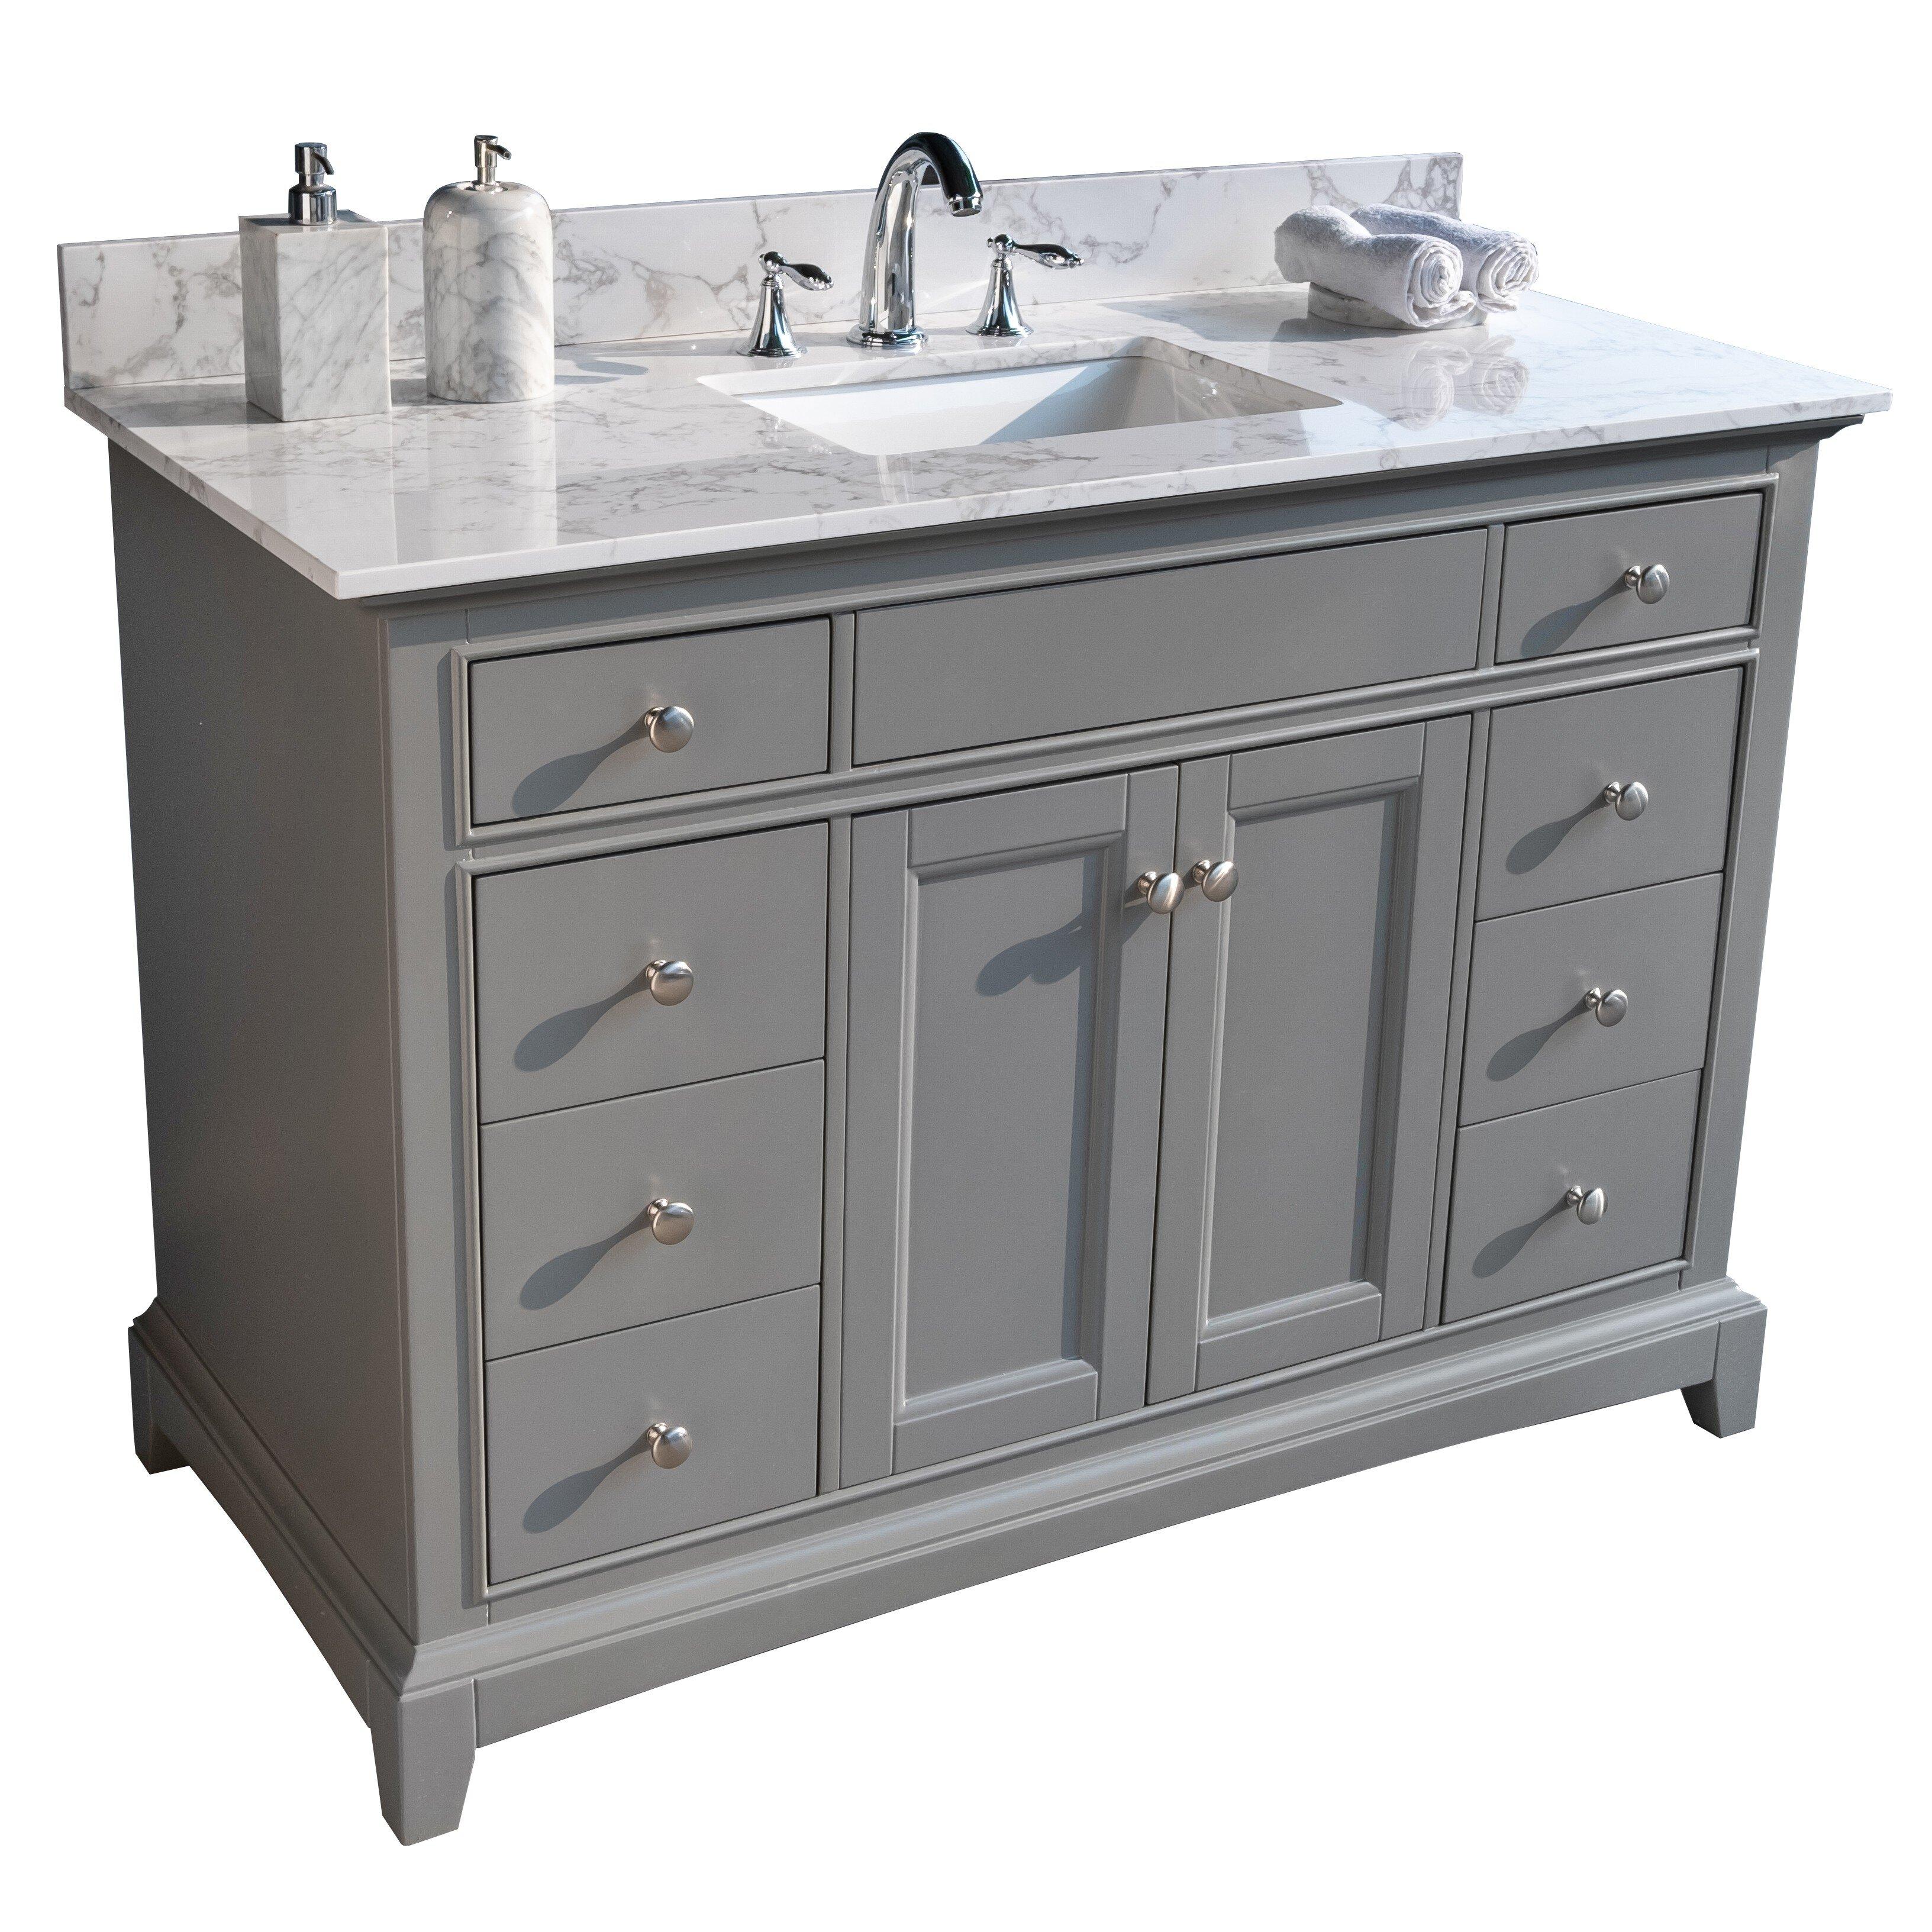 Modern Luxe Furniture 49 Single Bathroom Vanity Top In White With Sink Wayfair